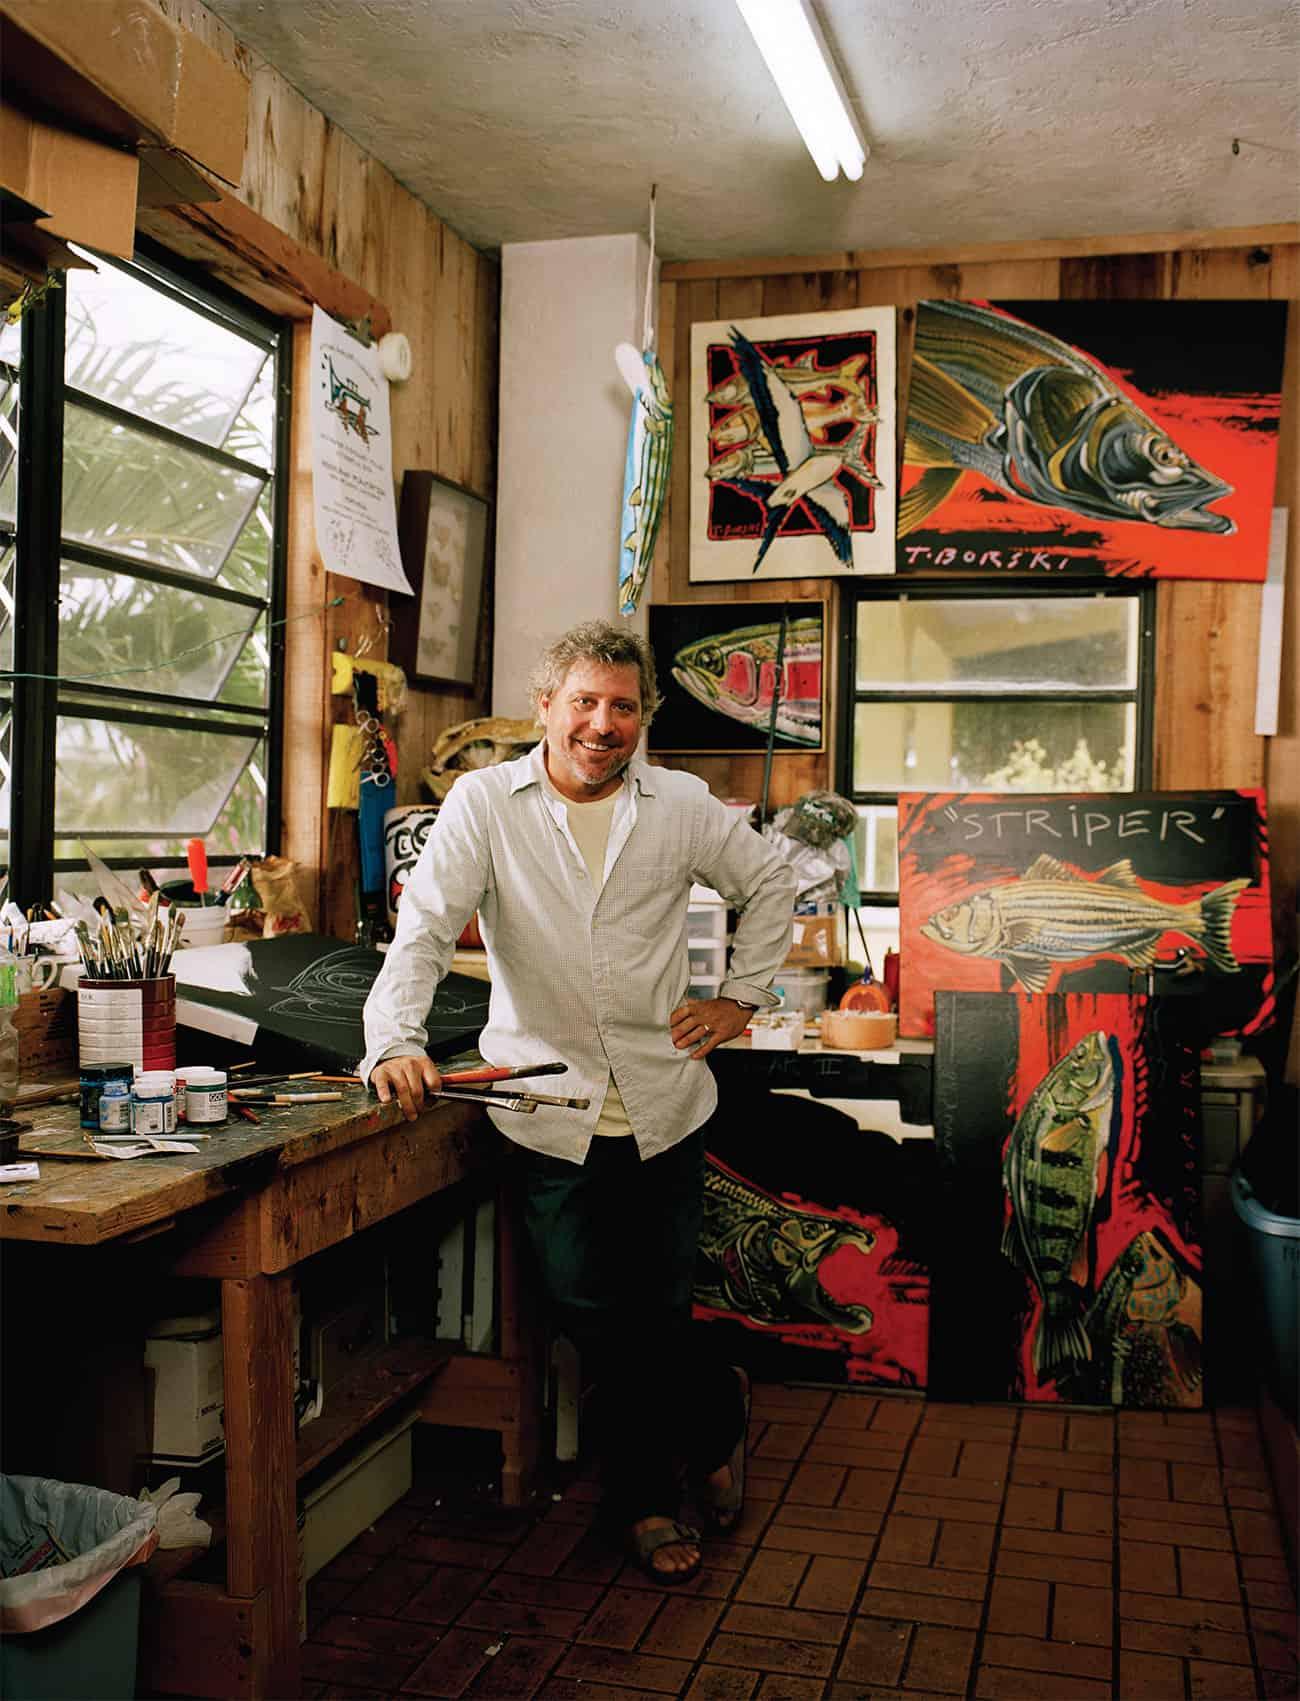 Borski in his studio